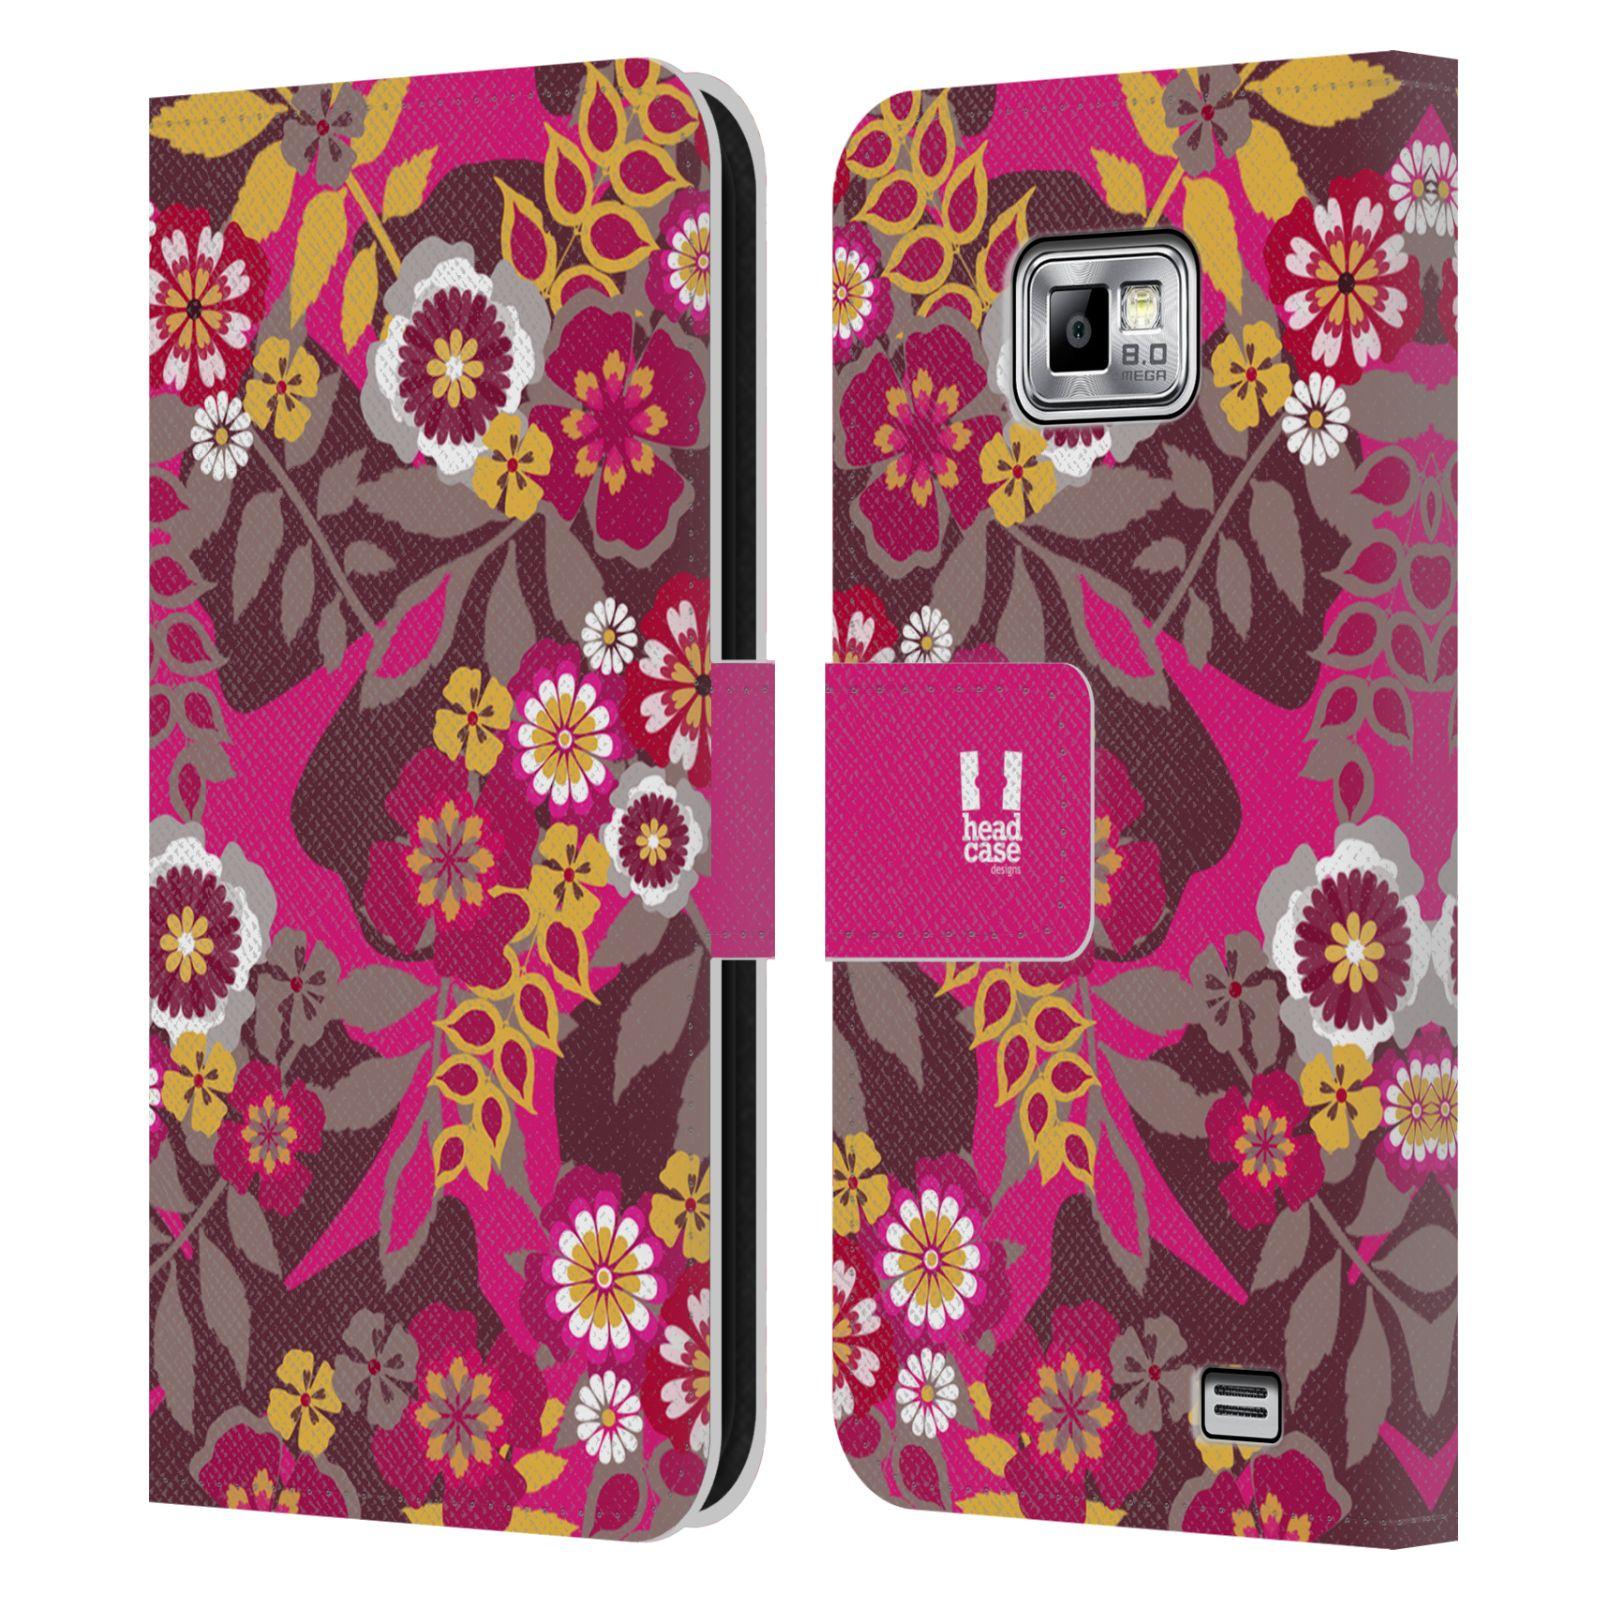 HEAD CASE Flipové pouzdro pro mobil Samsung Galaxy S2 i9100 BOTANIKA růžová a hnědá